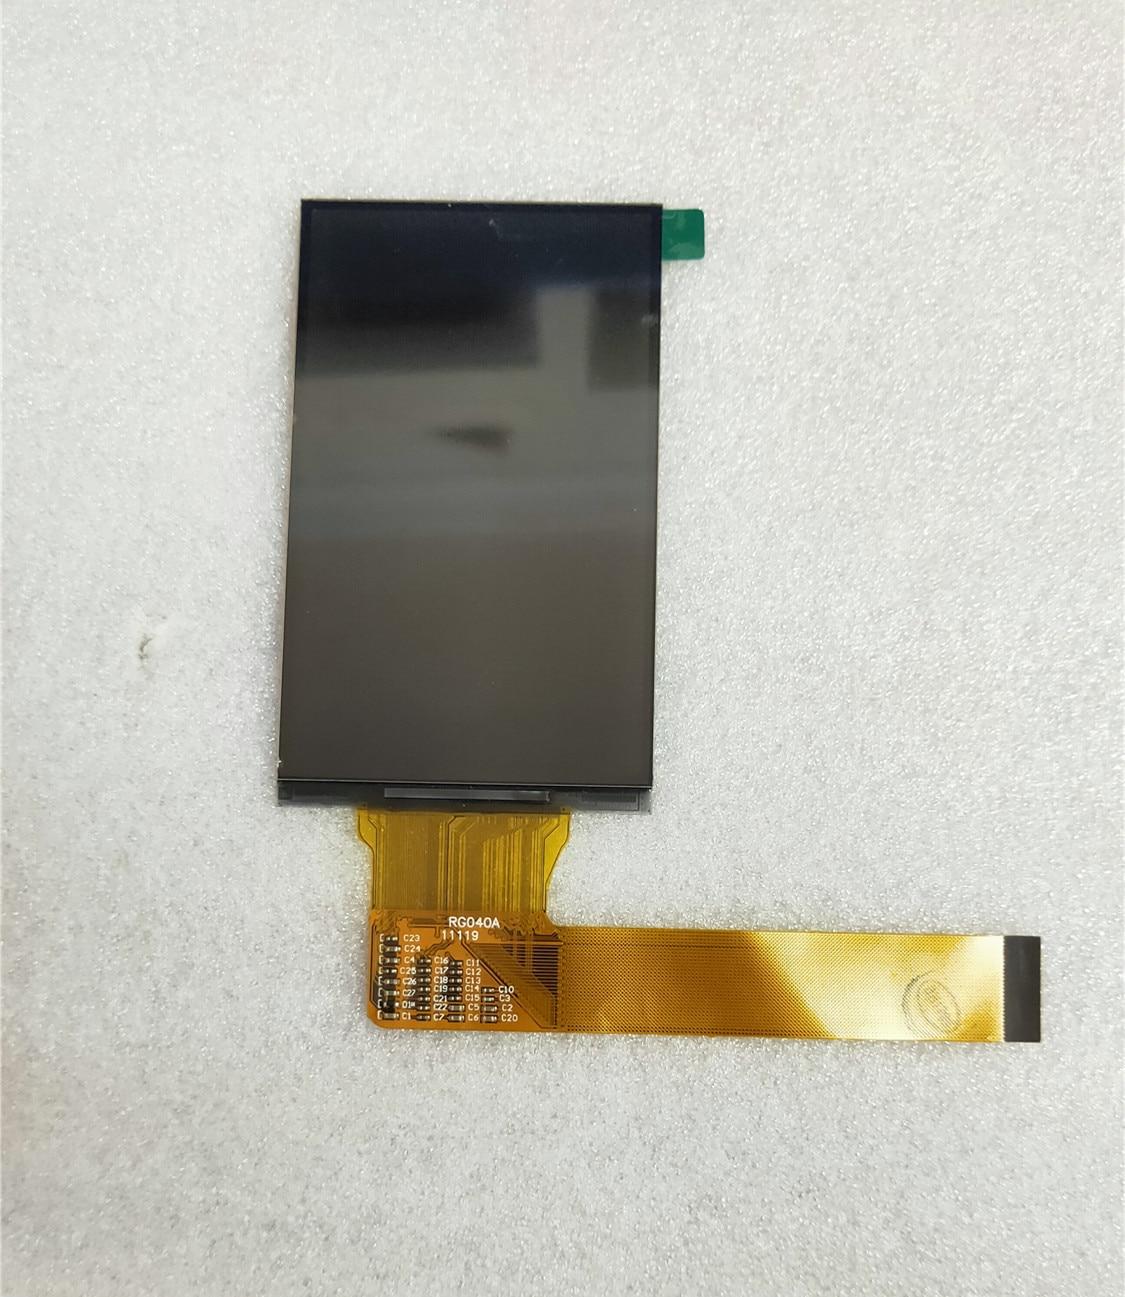 عالية الجودة الجديدة 4 بوصة شاشة عرض بروجيكتور RG040B RG040A SUR040-2 لتقوم بها بنفسك ملحقات العرض